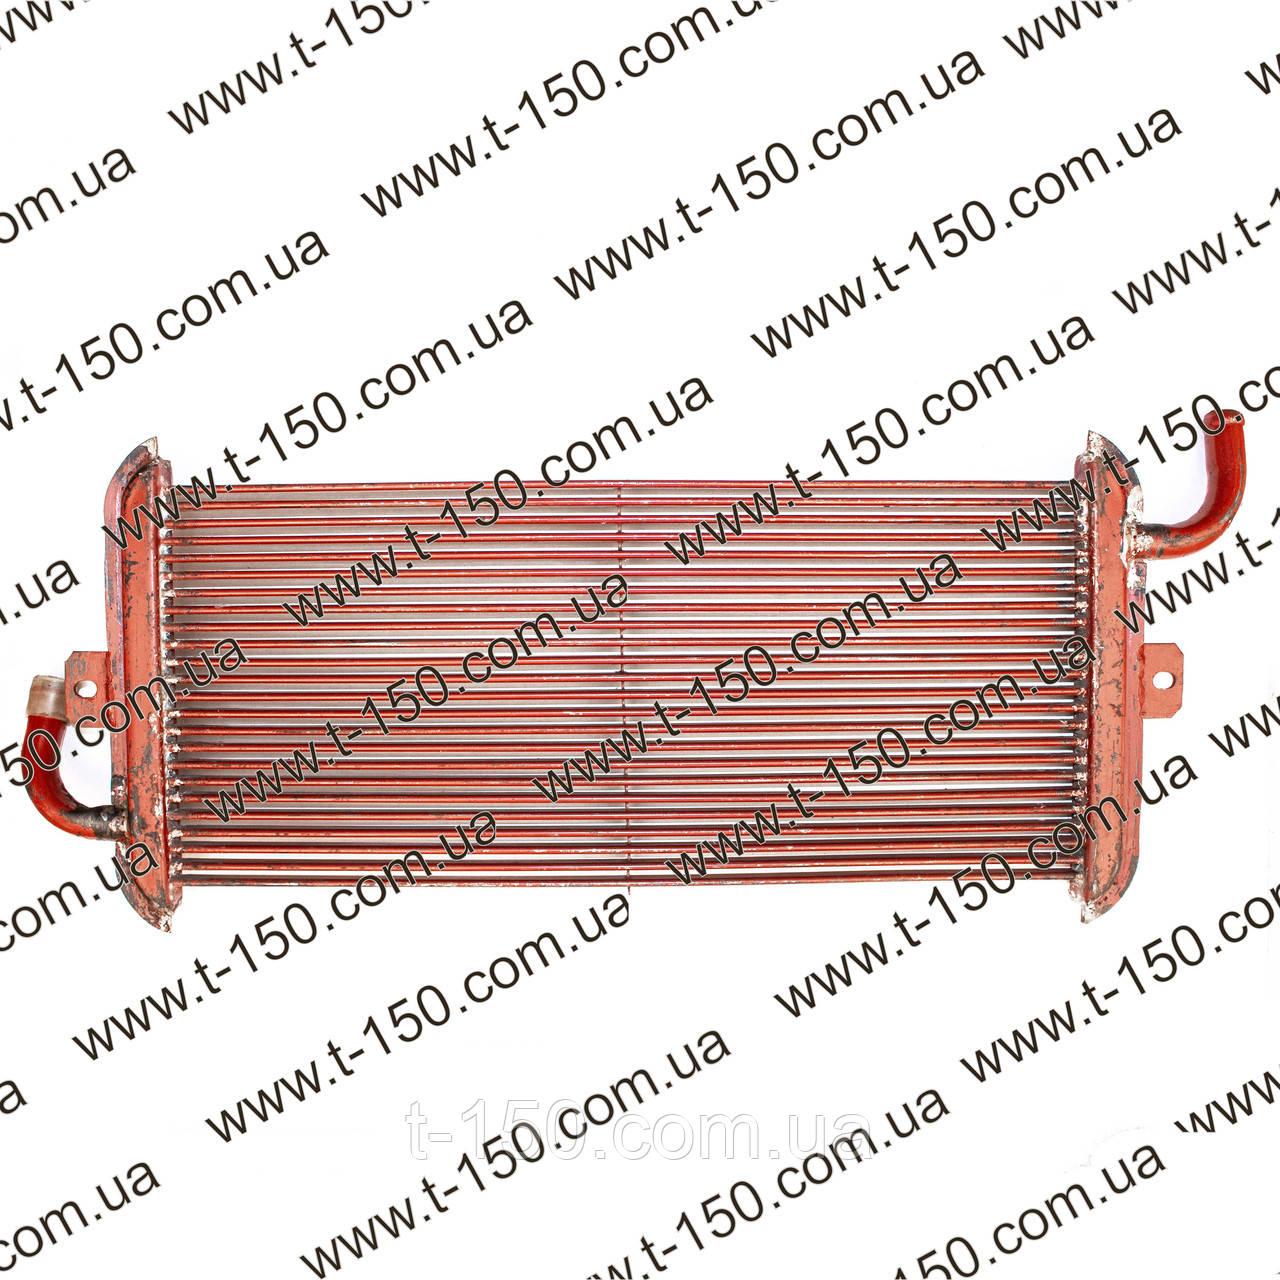 Радиатор масляный Т-150 (гидросистема) малый, 150У.55.022-2